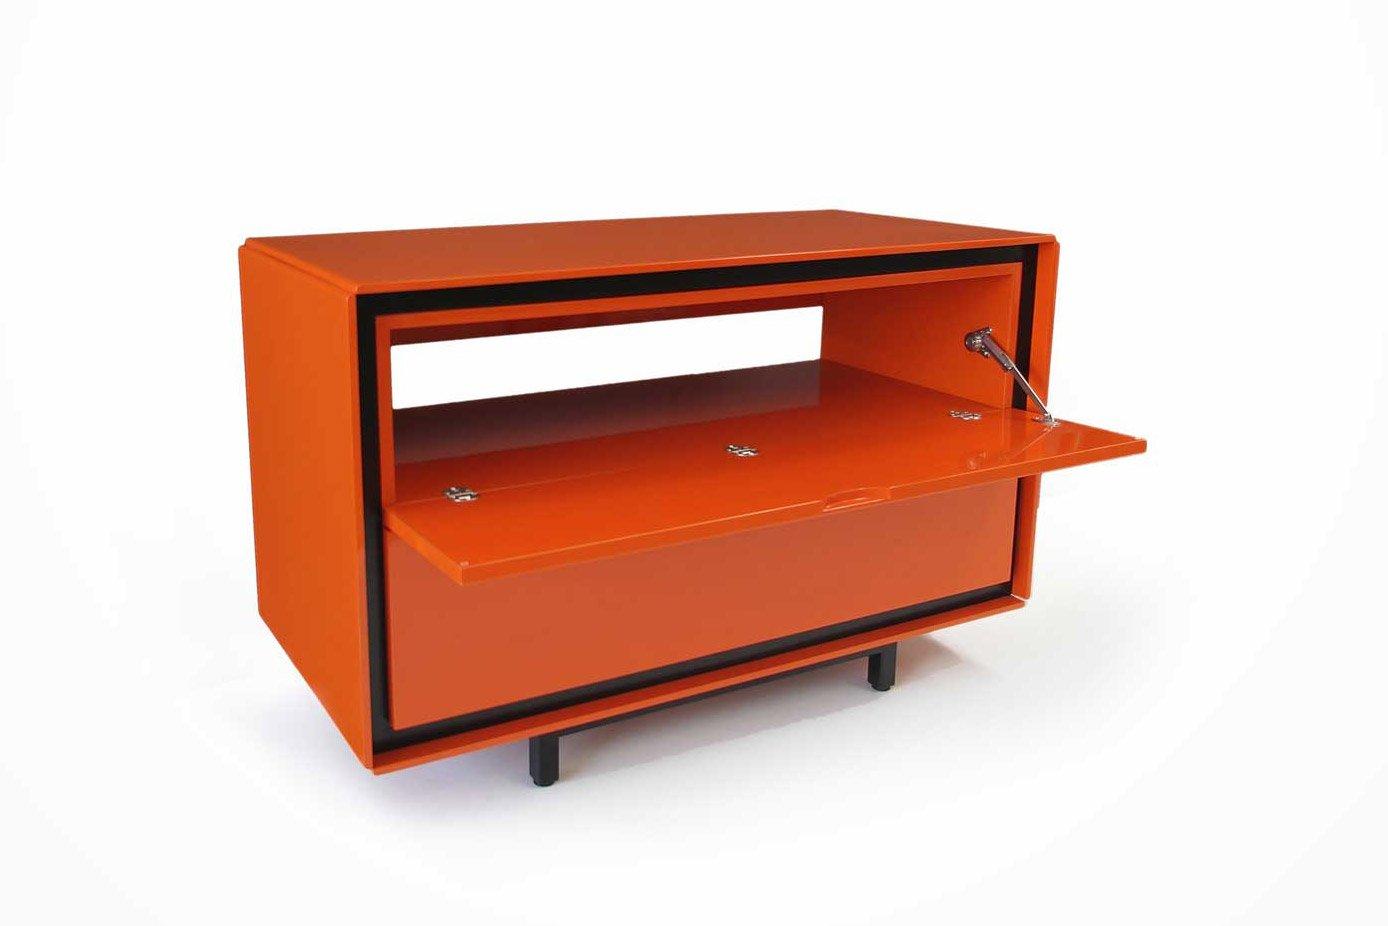 aro schrank von piurra bei pamono kaufen. Black Bedroom Furniture Sets. Home Design Ideas